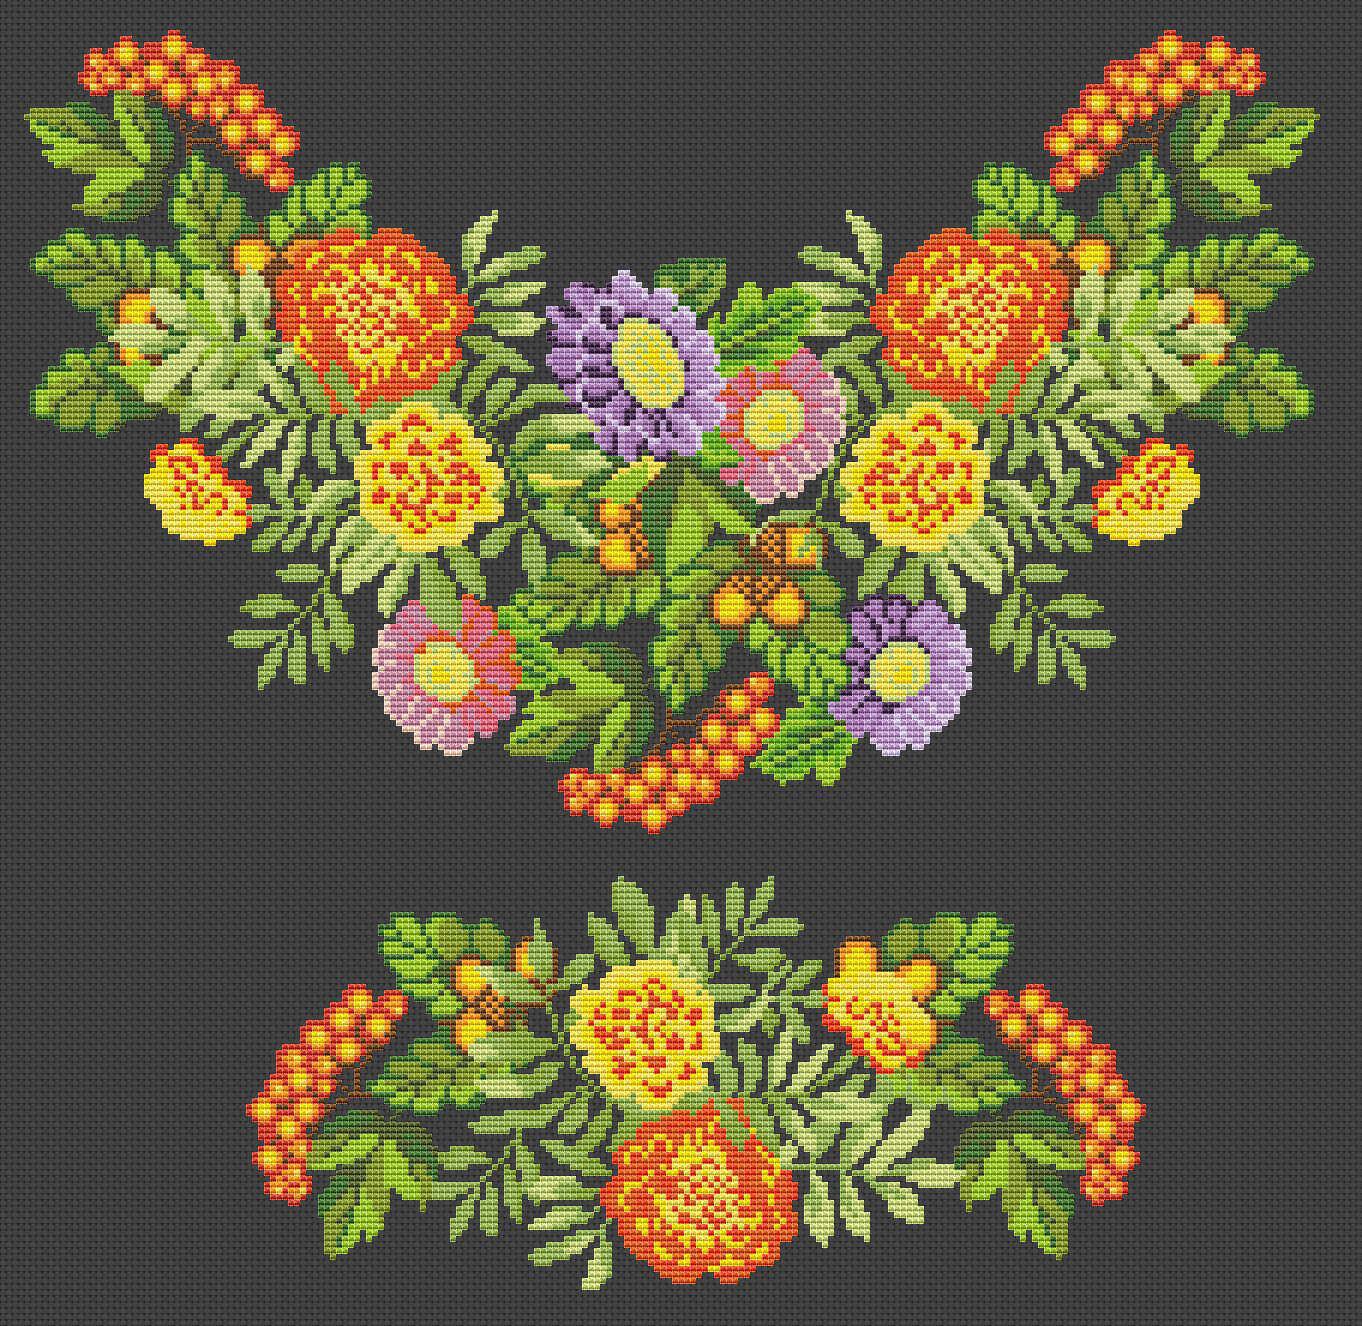 схема вышивки для женской вышиванки